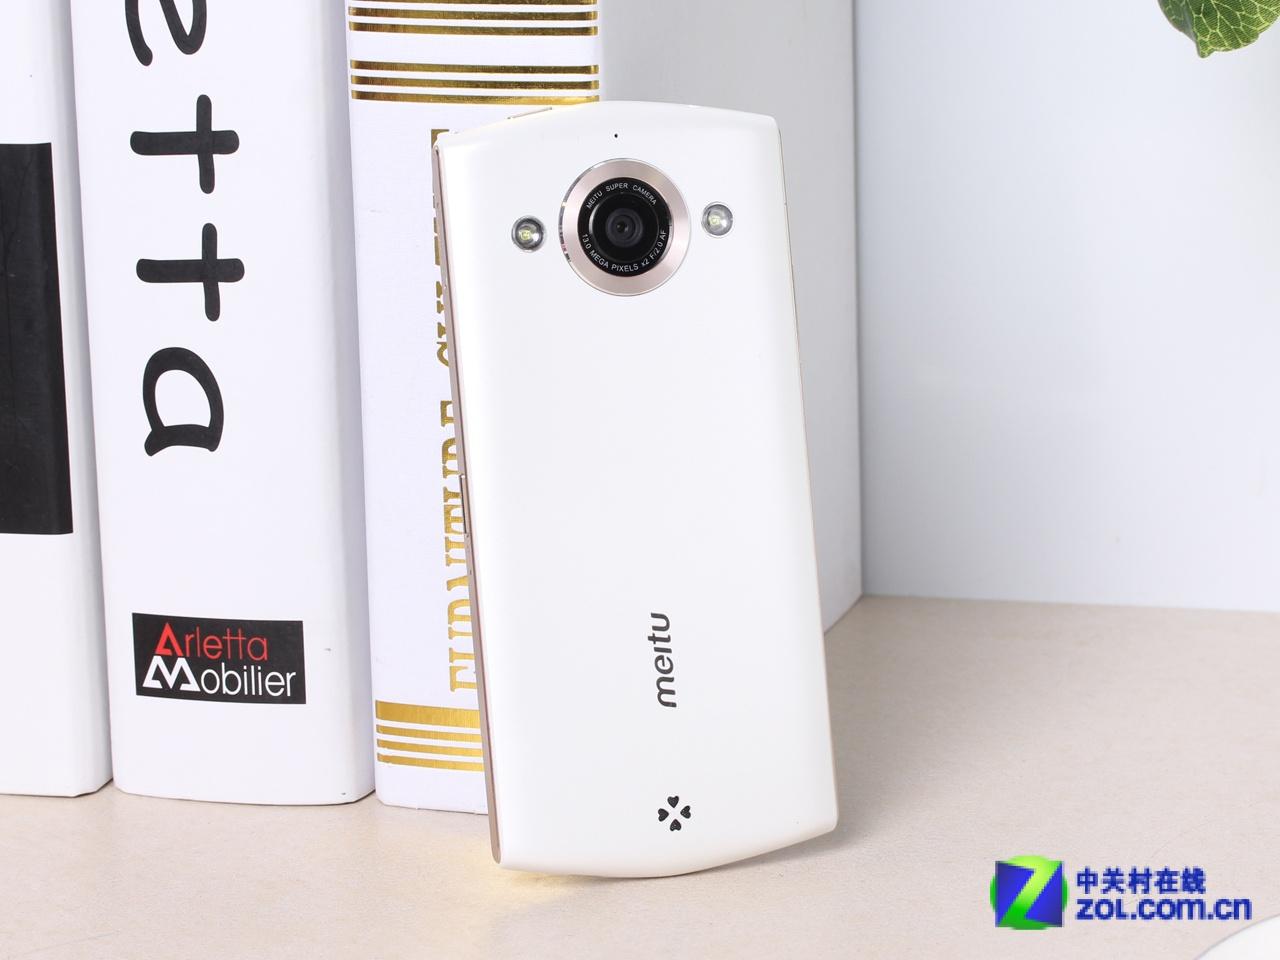 自拍美颜利器 美图手机2商家现货发售